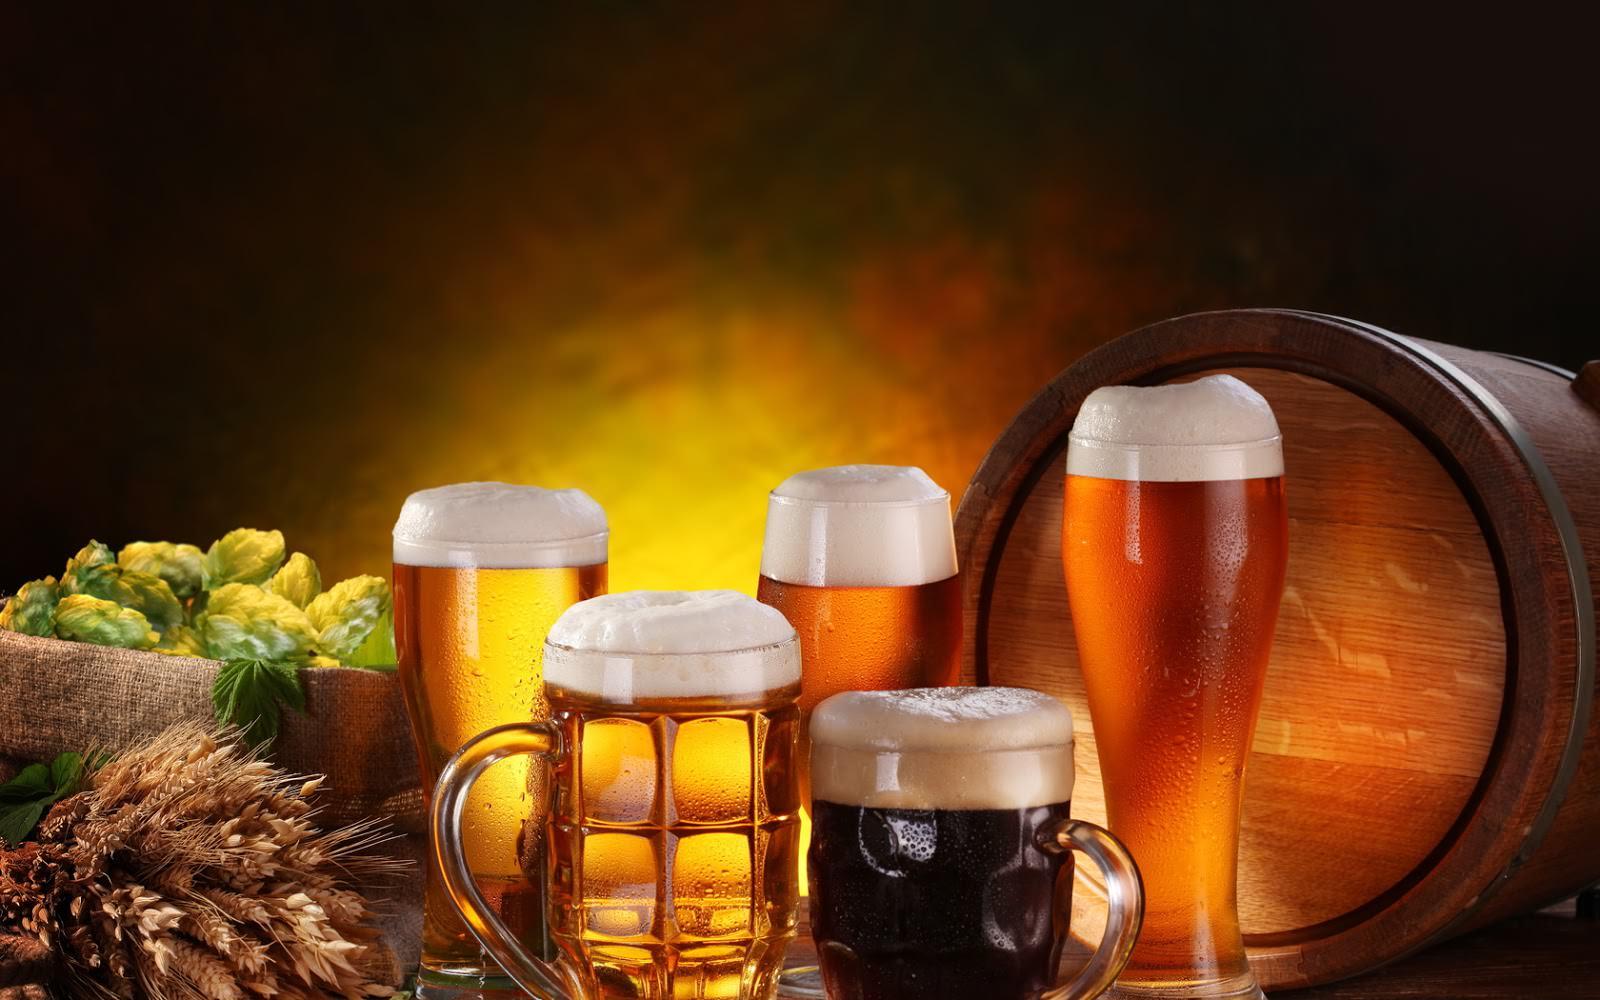 пиво светлое, темное, бочка пива